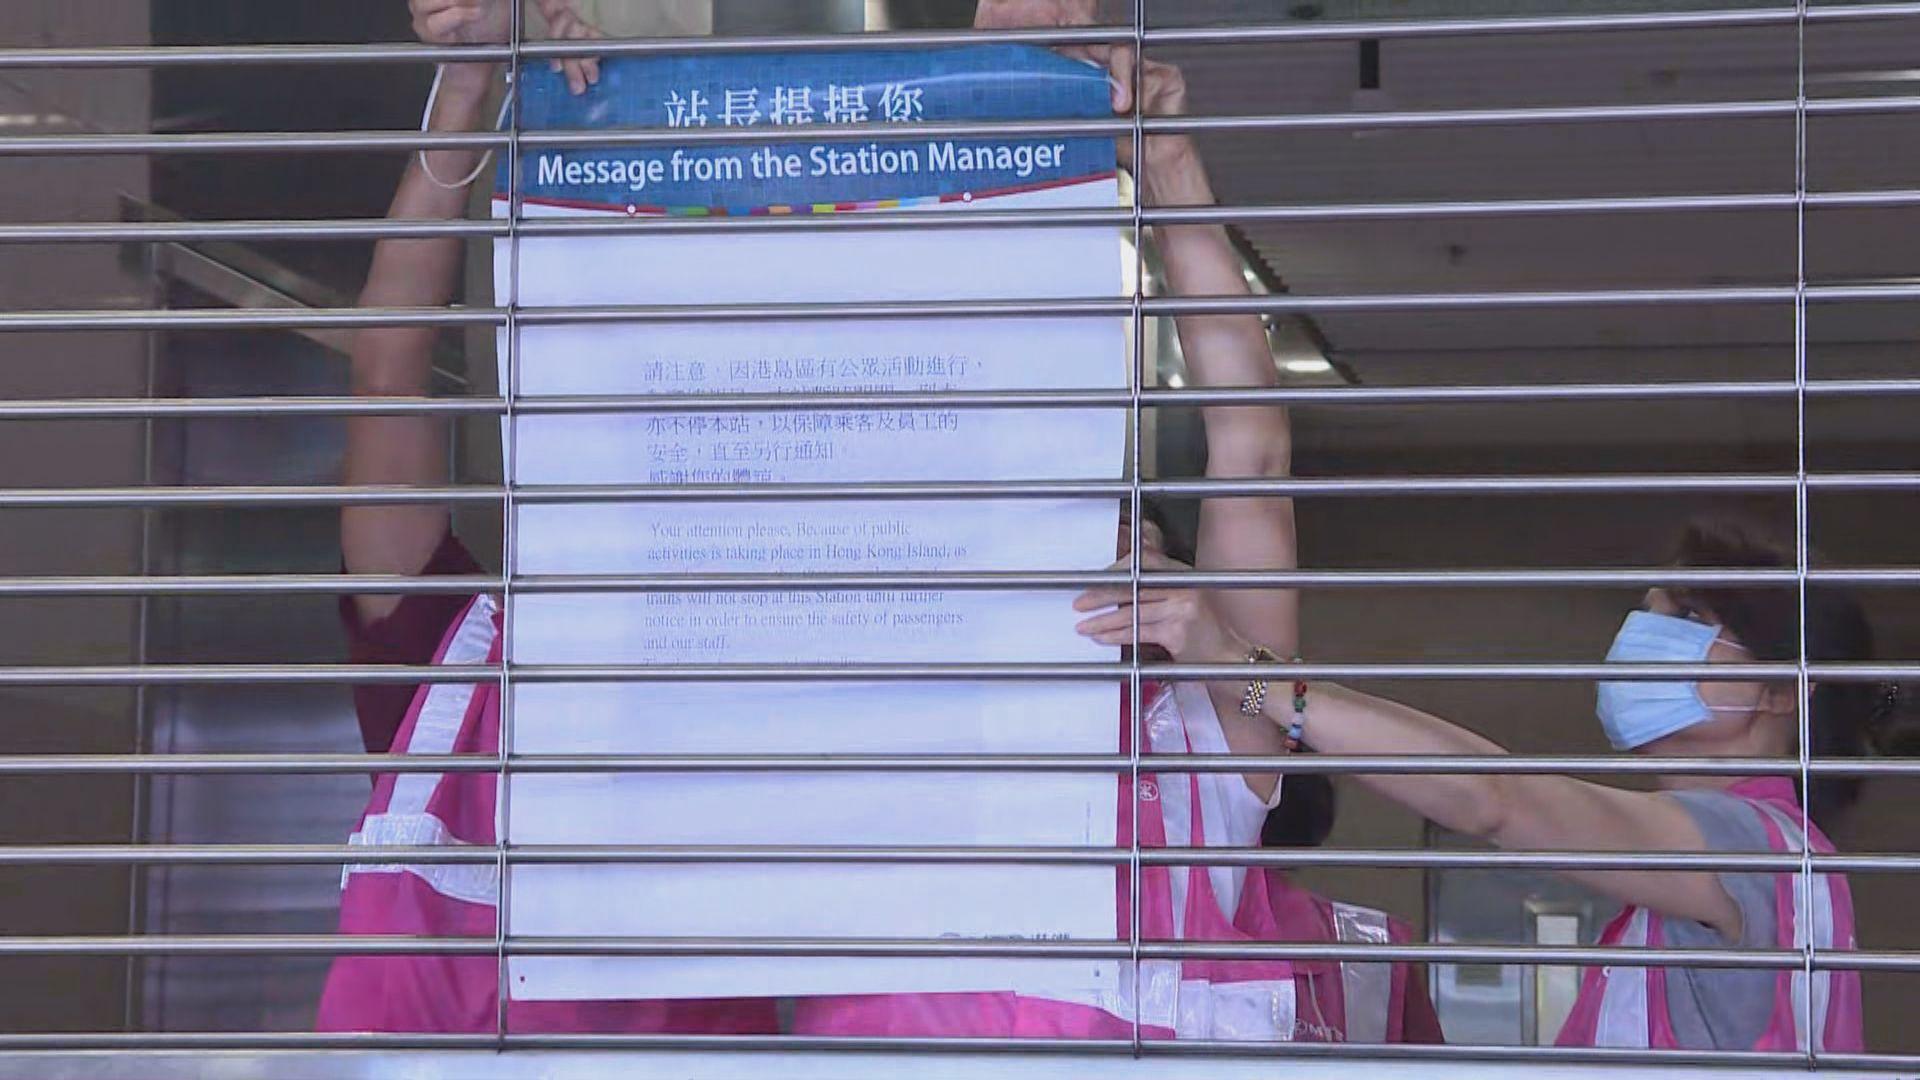 西營盤站關閉 有市民批做法反應過敏